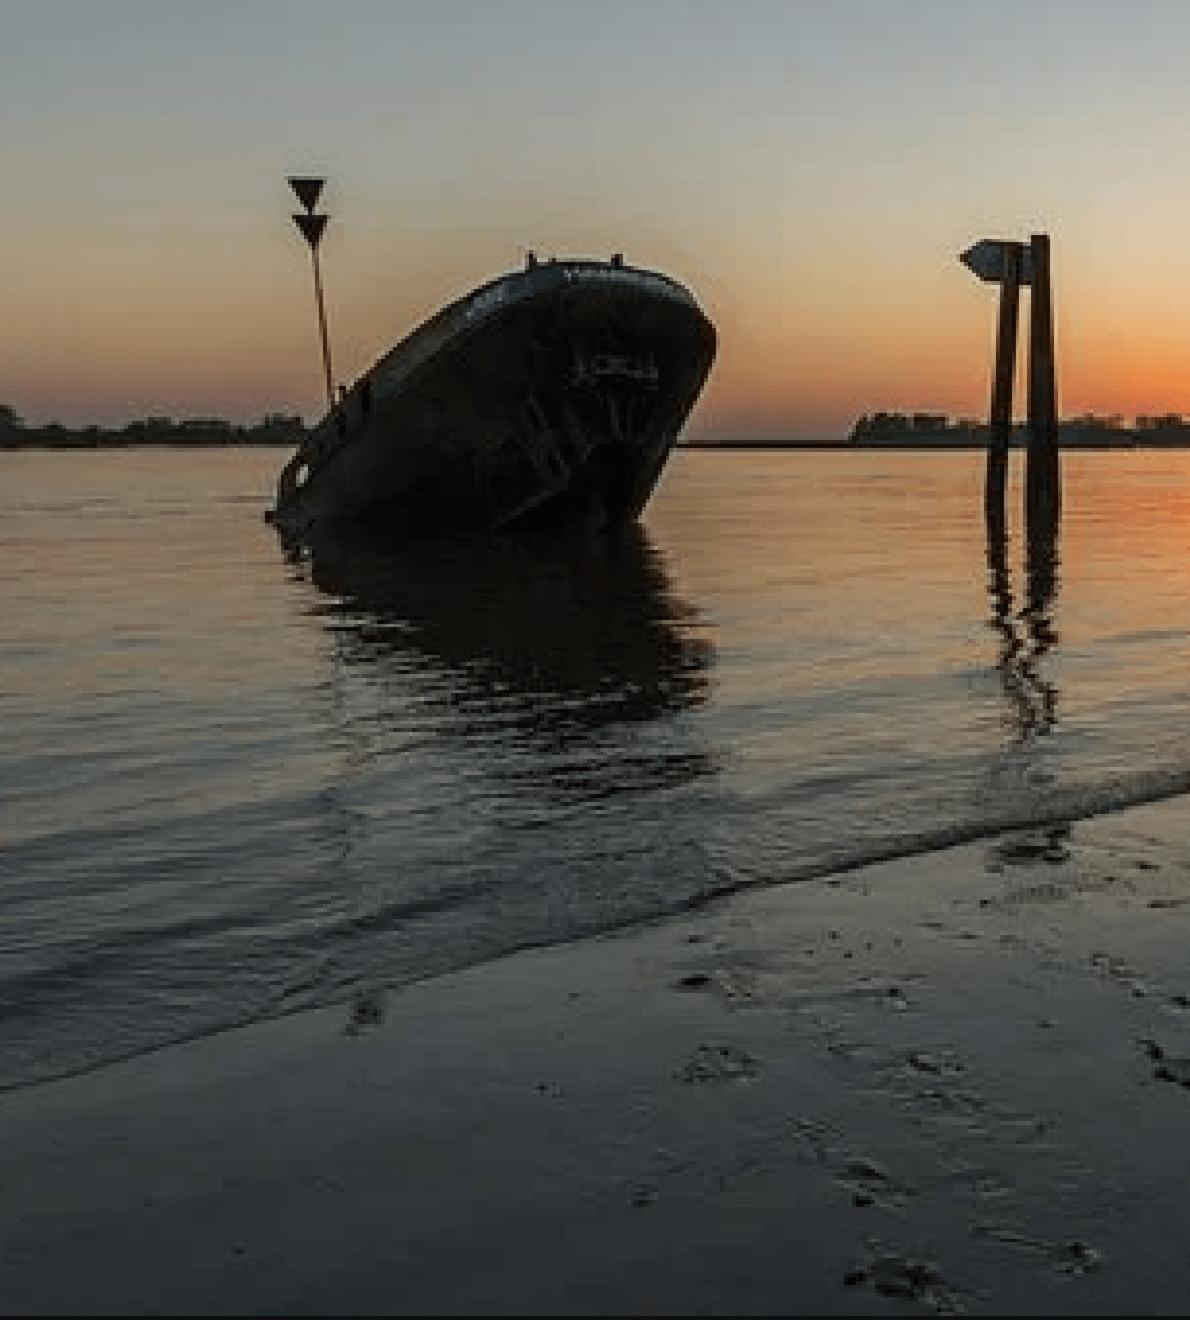 sinkendes schiff